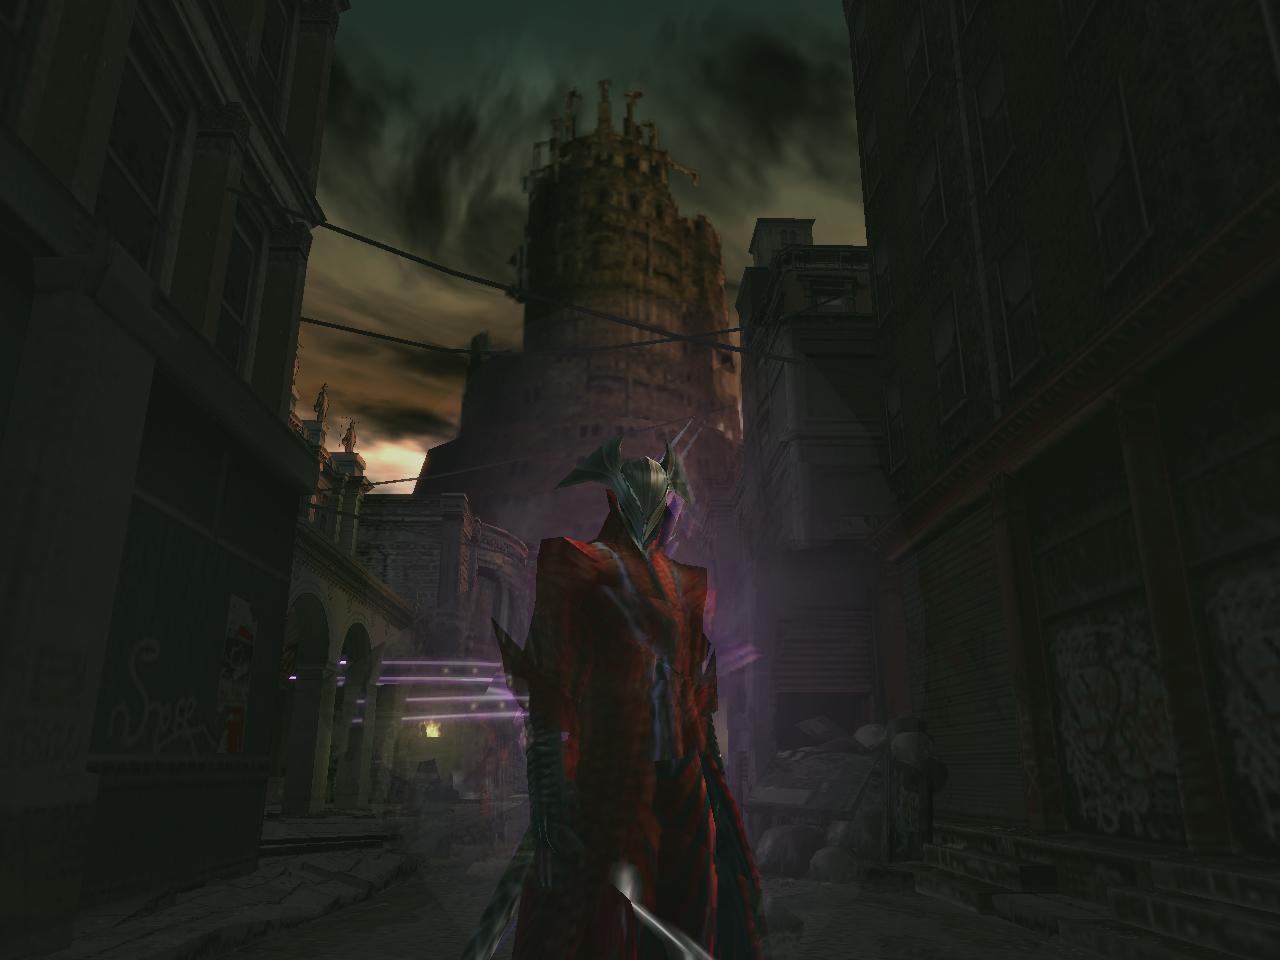 Данте занимается сексом с вергилием в аду в игре dmc